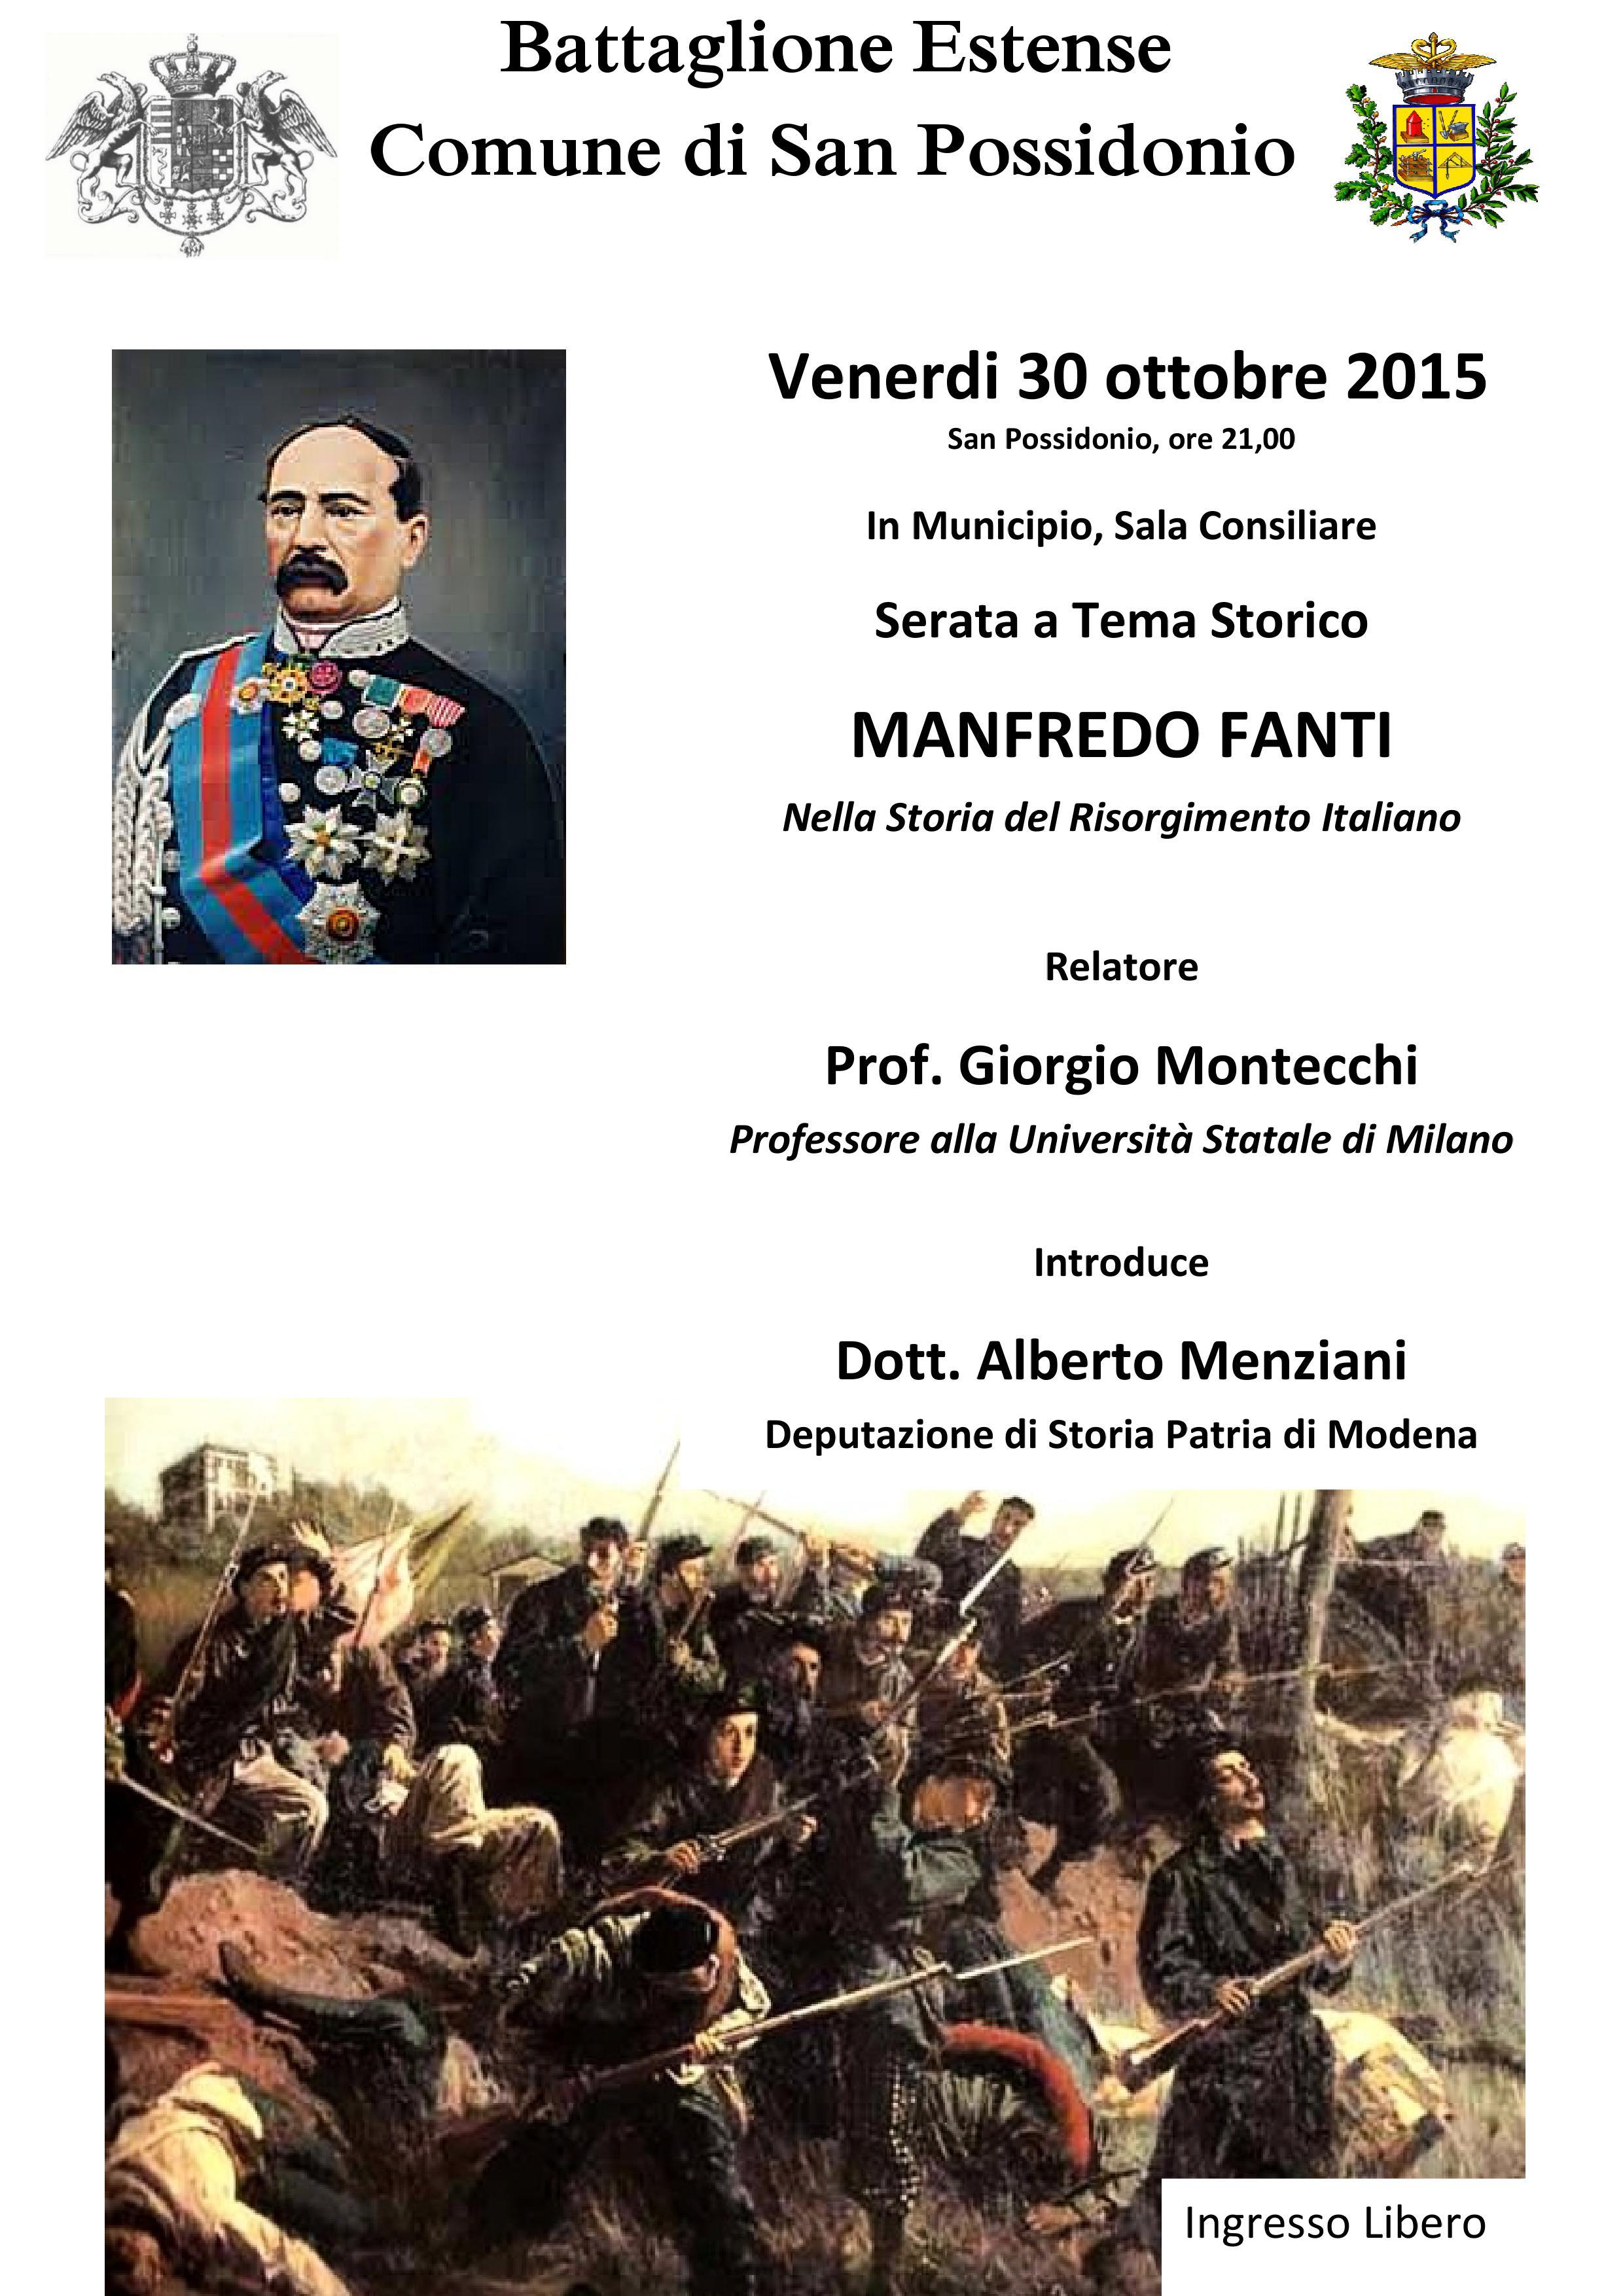 San Possidonio. Serata storica dedicata a Manfredo Fanti.